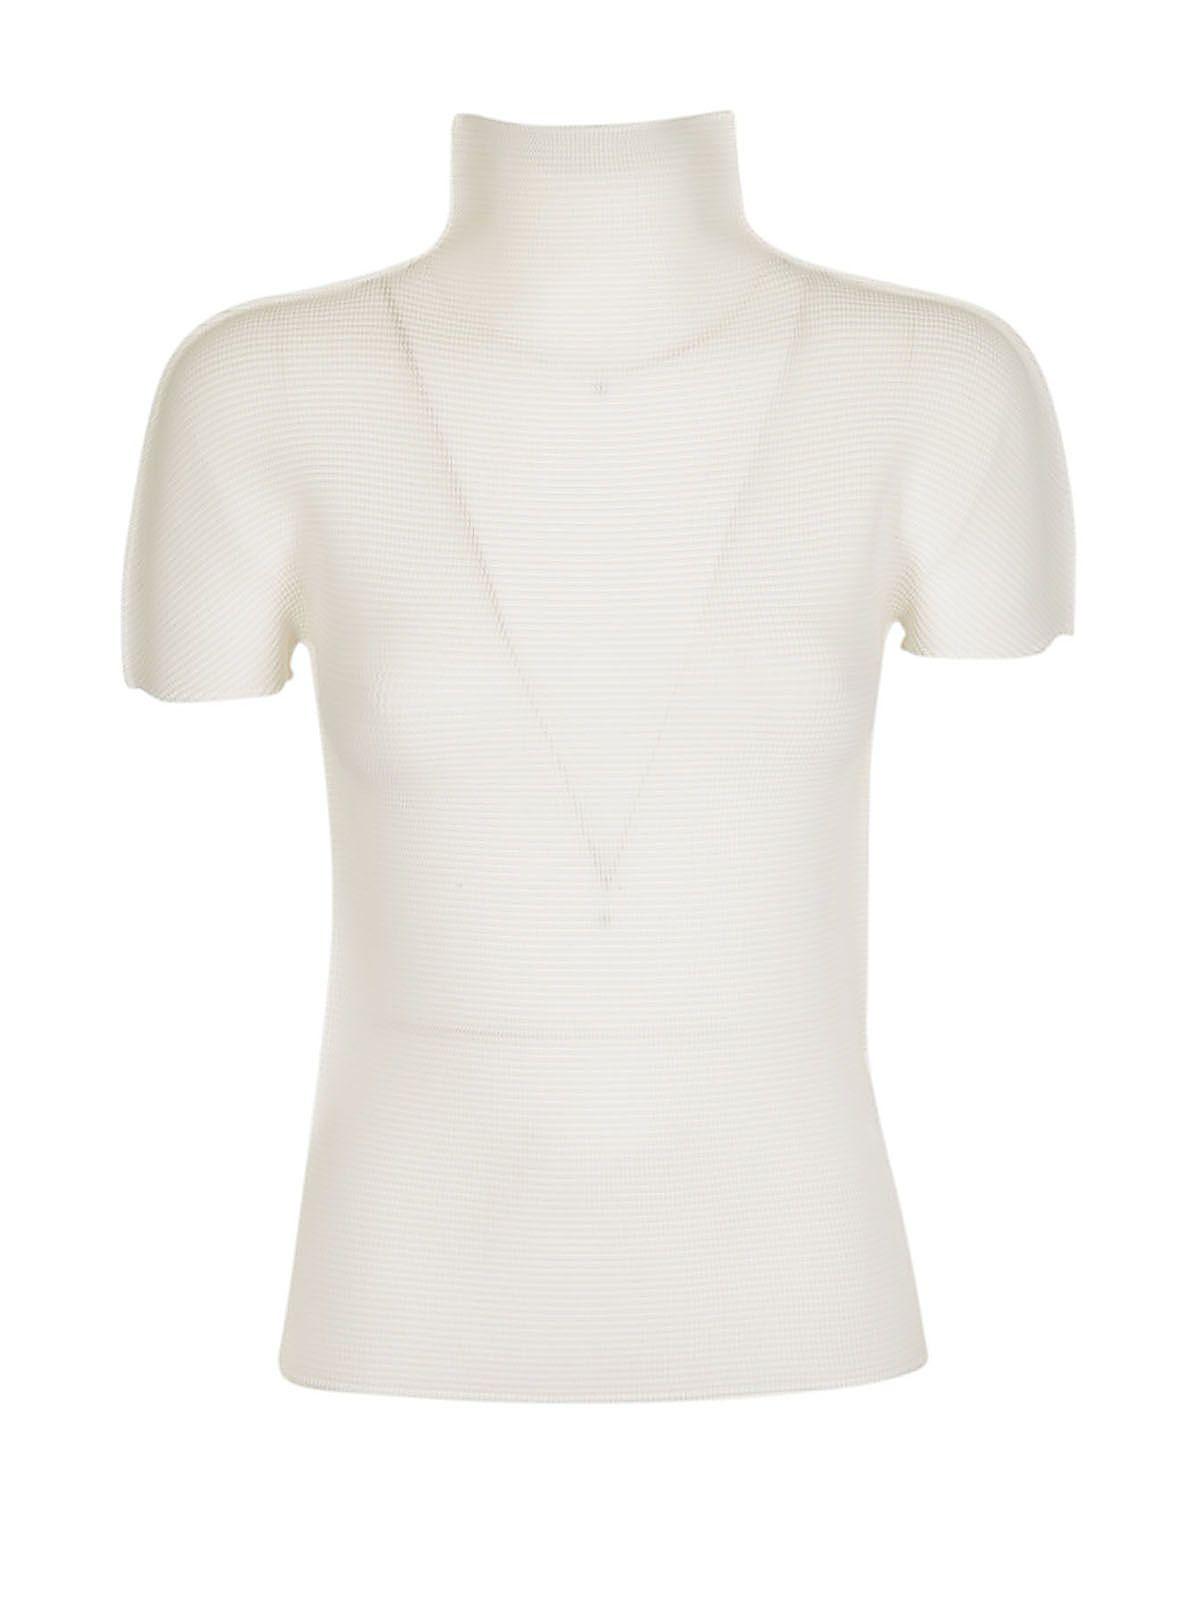 Issey Miyake Cauliflower High Neck T-shirt